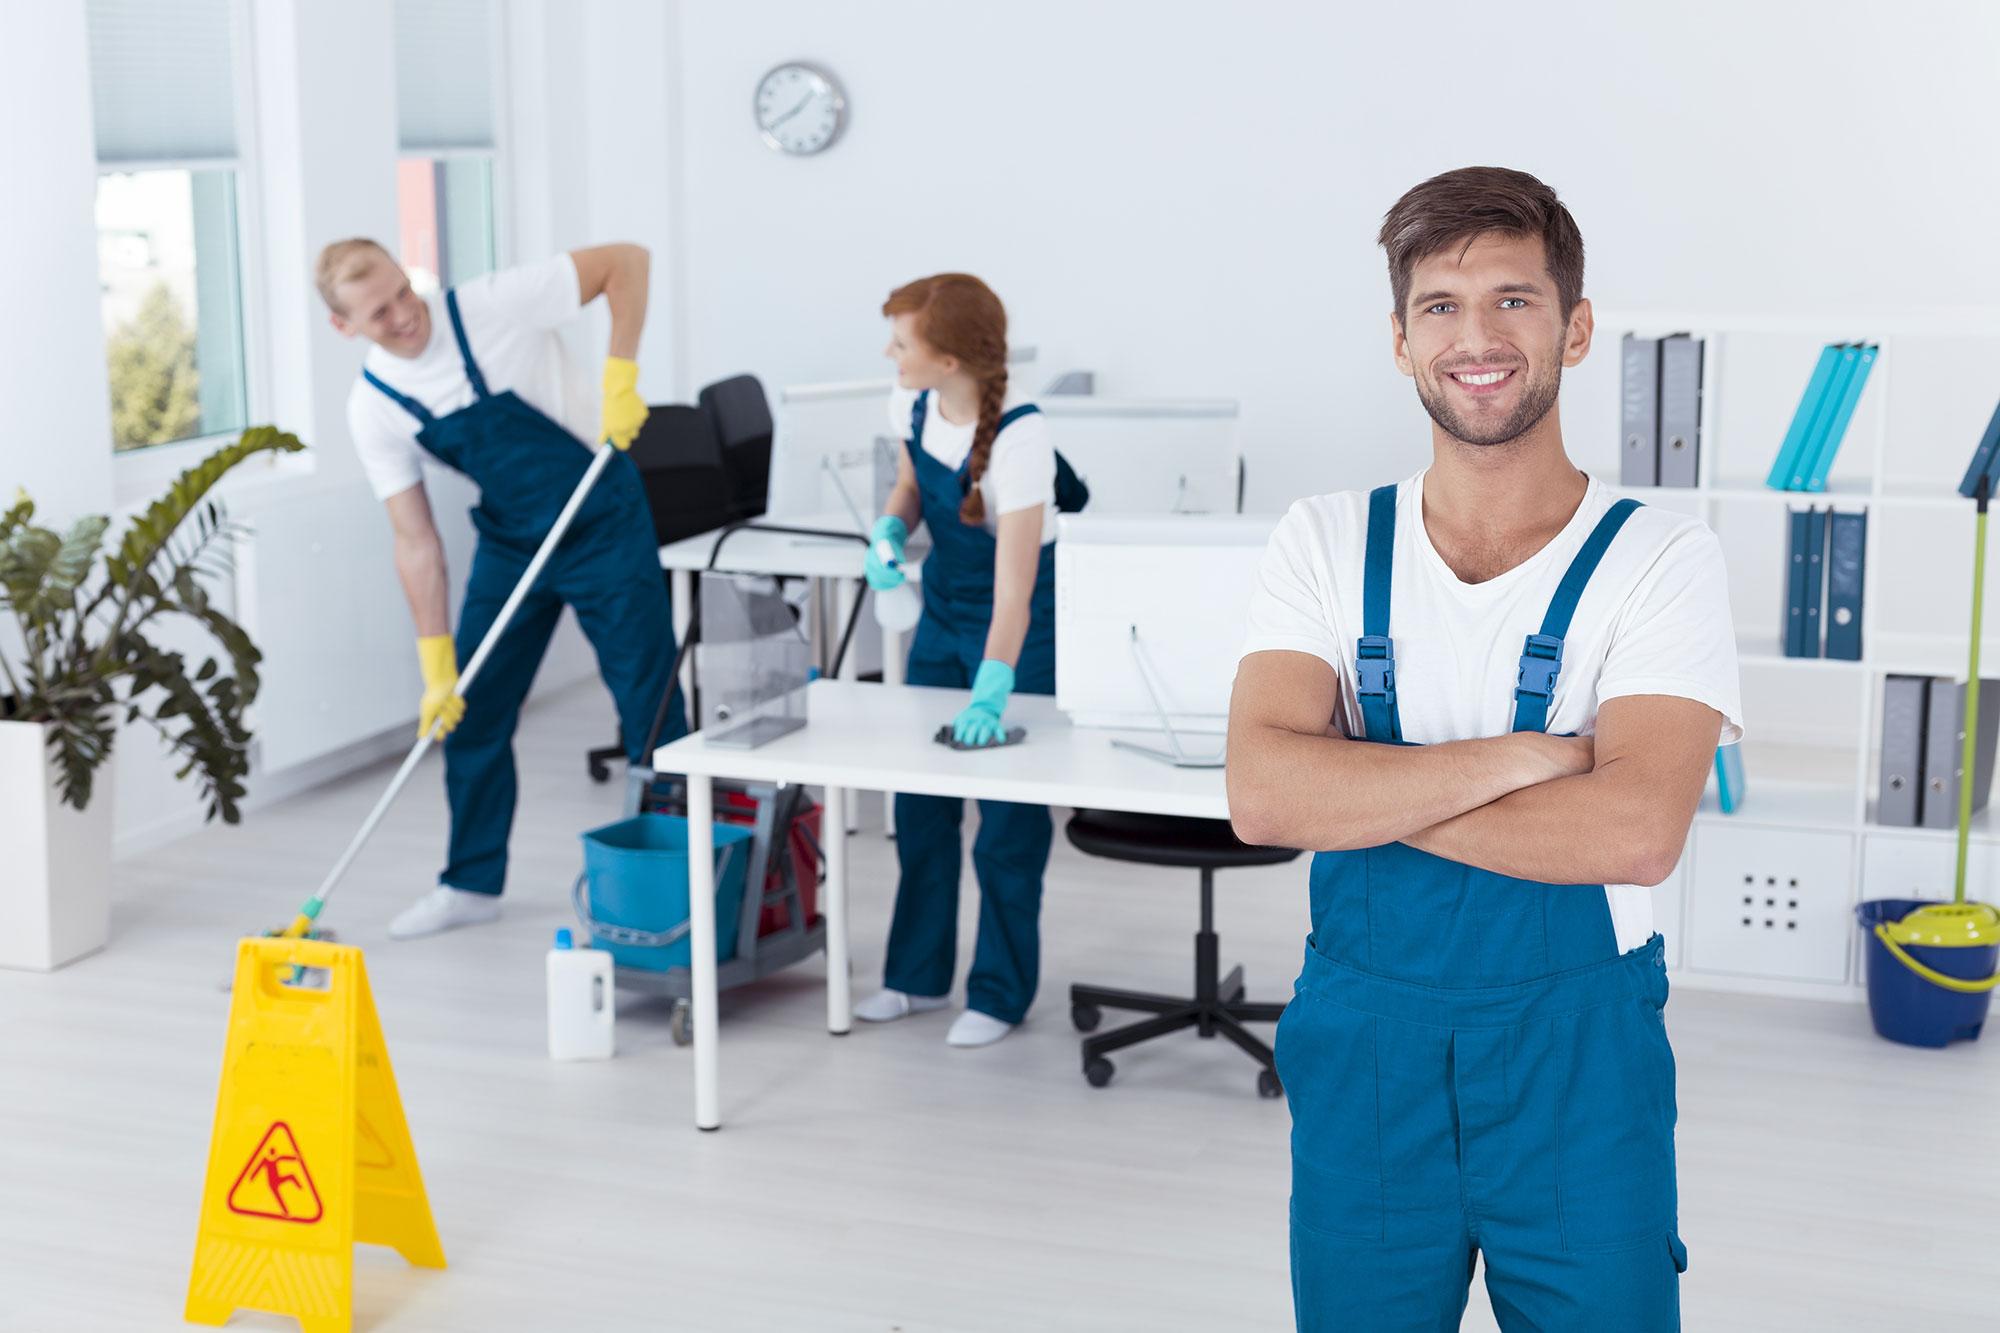 pulizie a torino